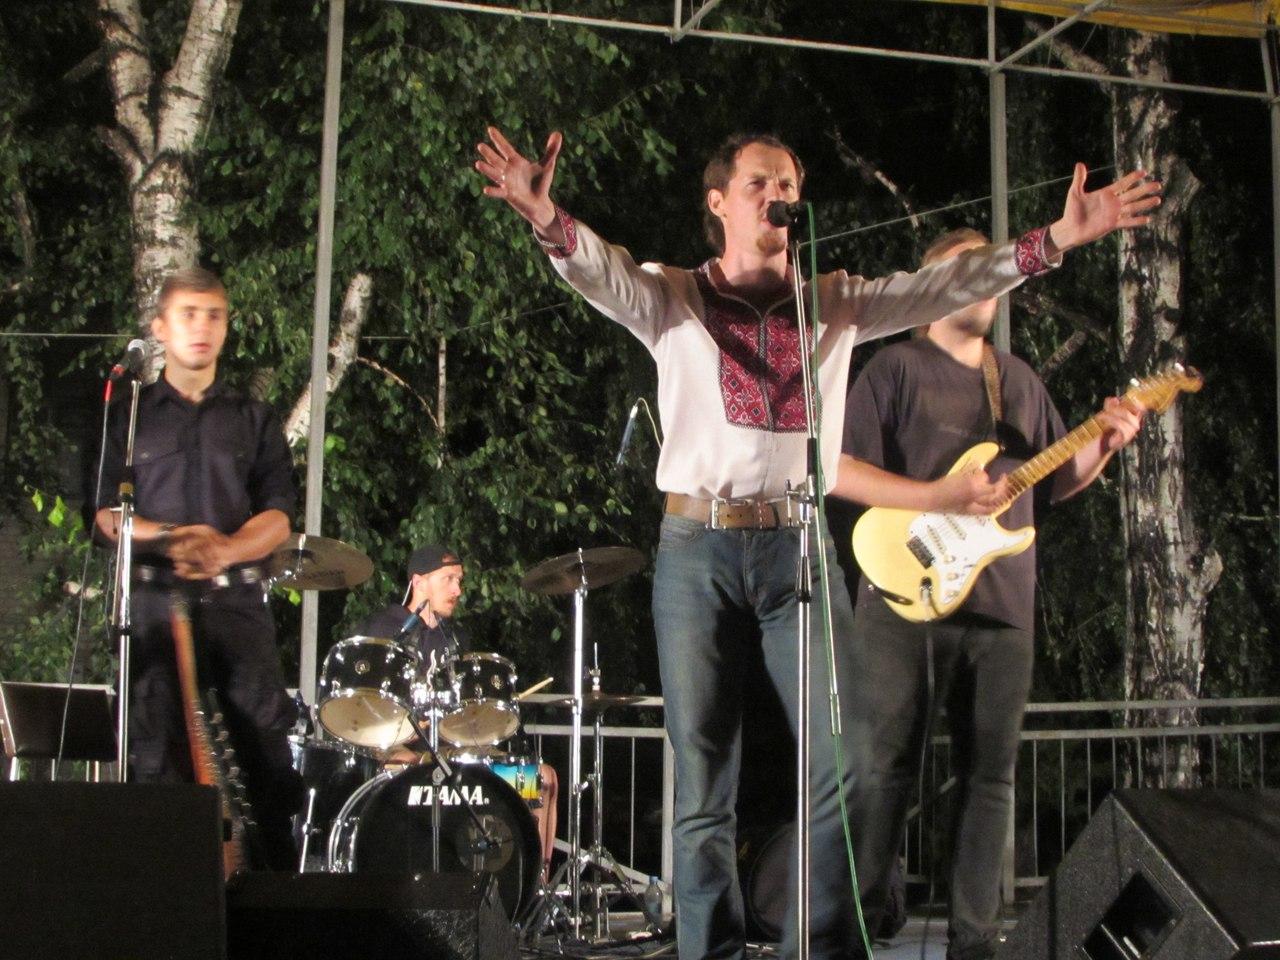 Сергій Василюк, Тінь сонця, Старобільськ, Луганська область, виступ, фото, 23 липня 2016 року